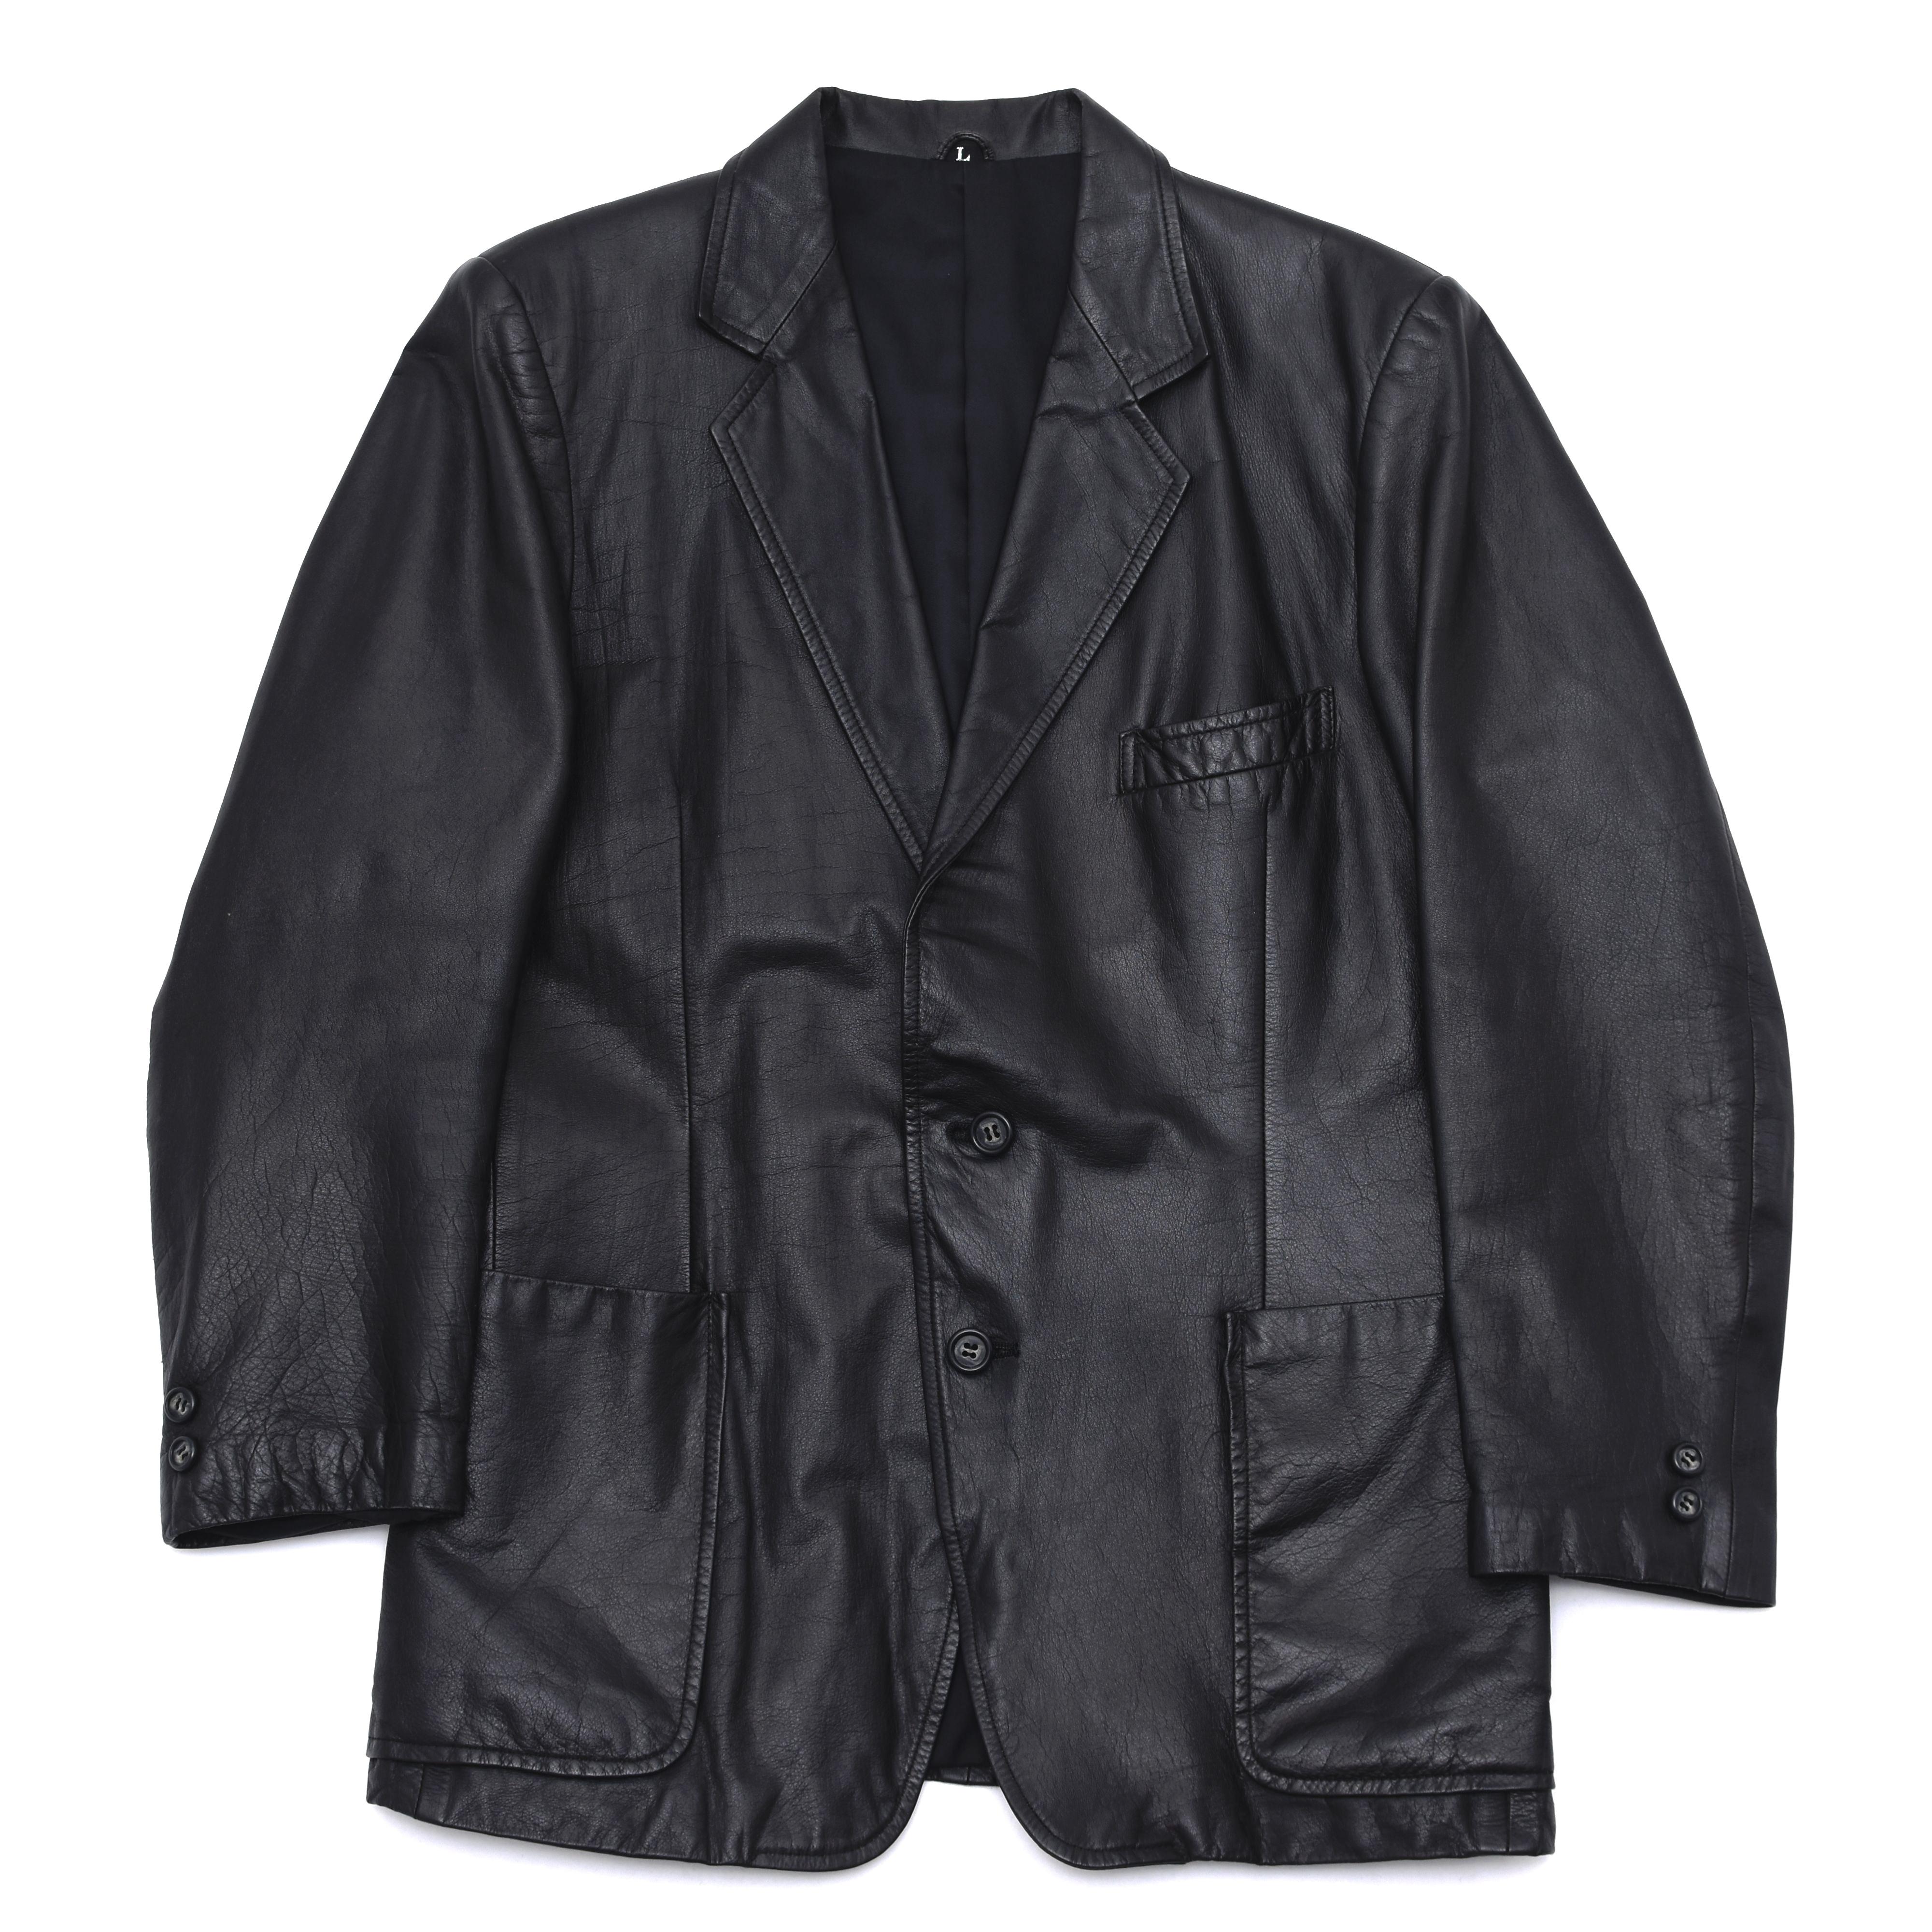 Vintage black cowhide tailored jacket